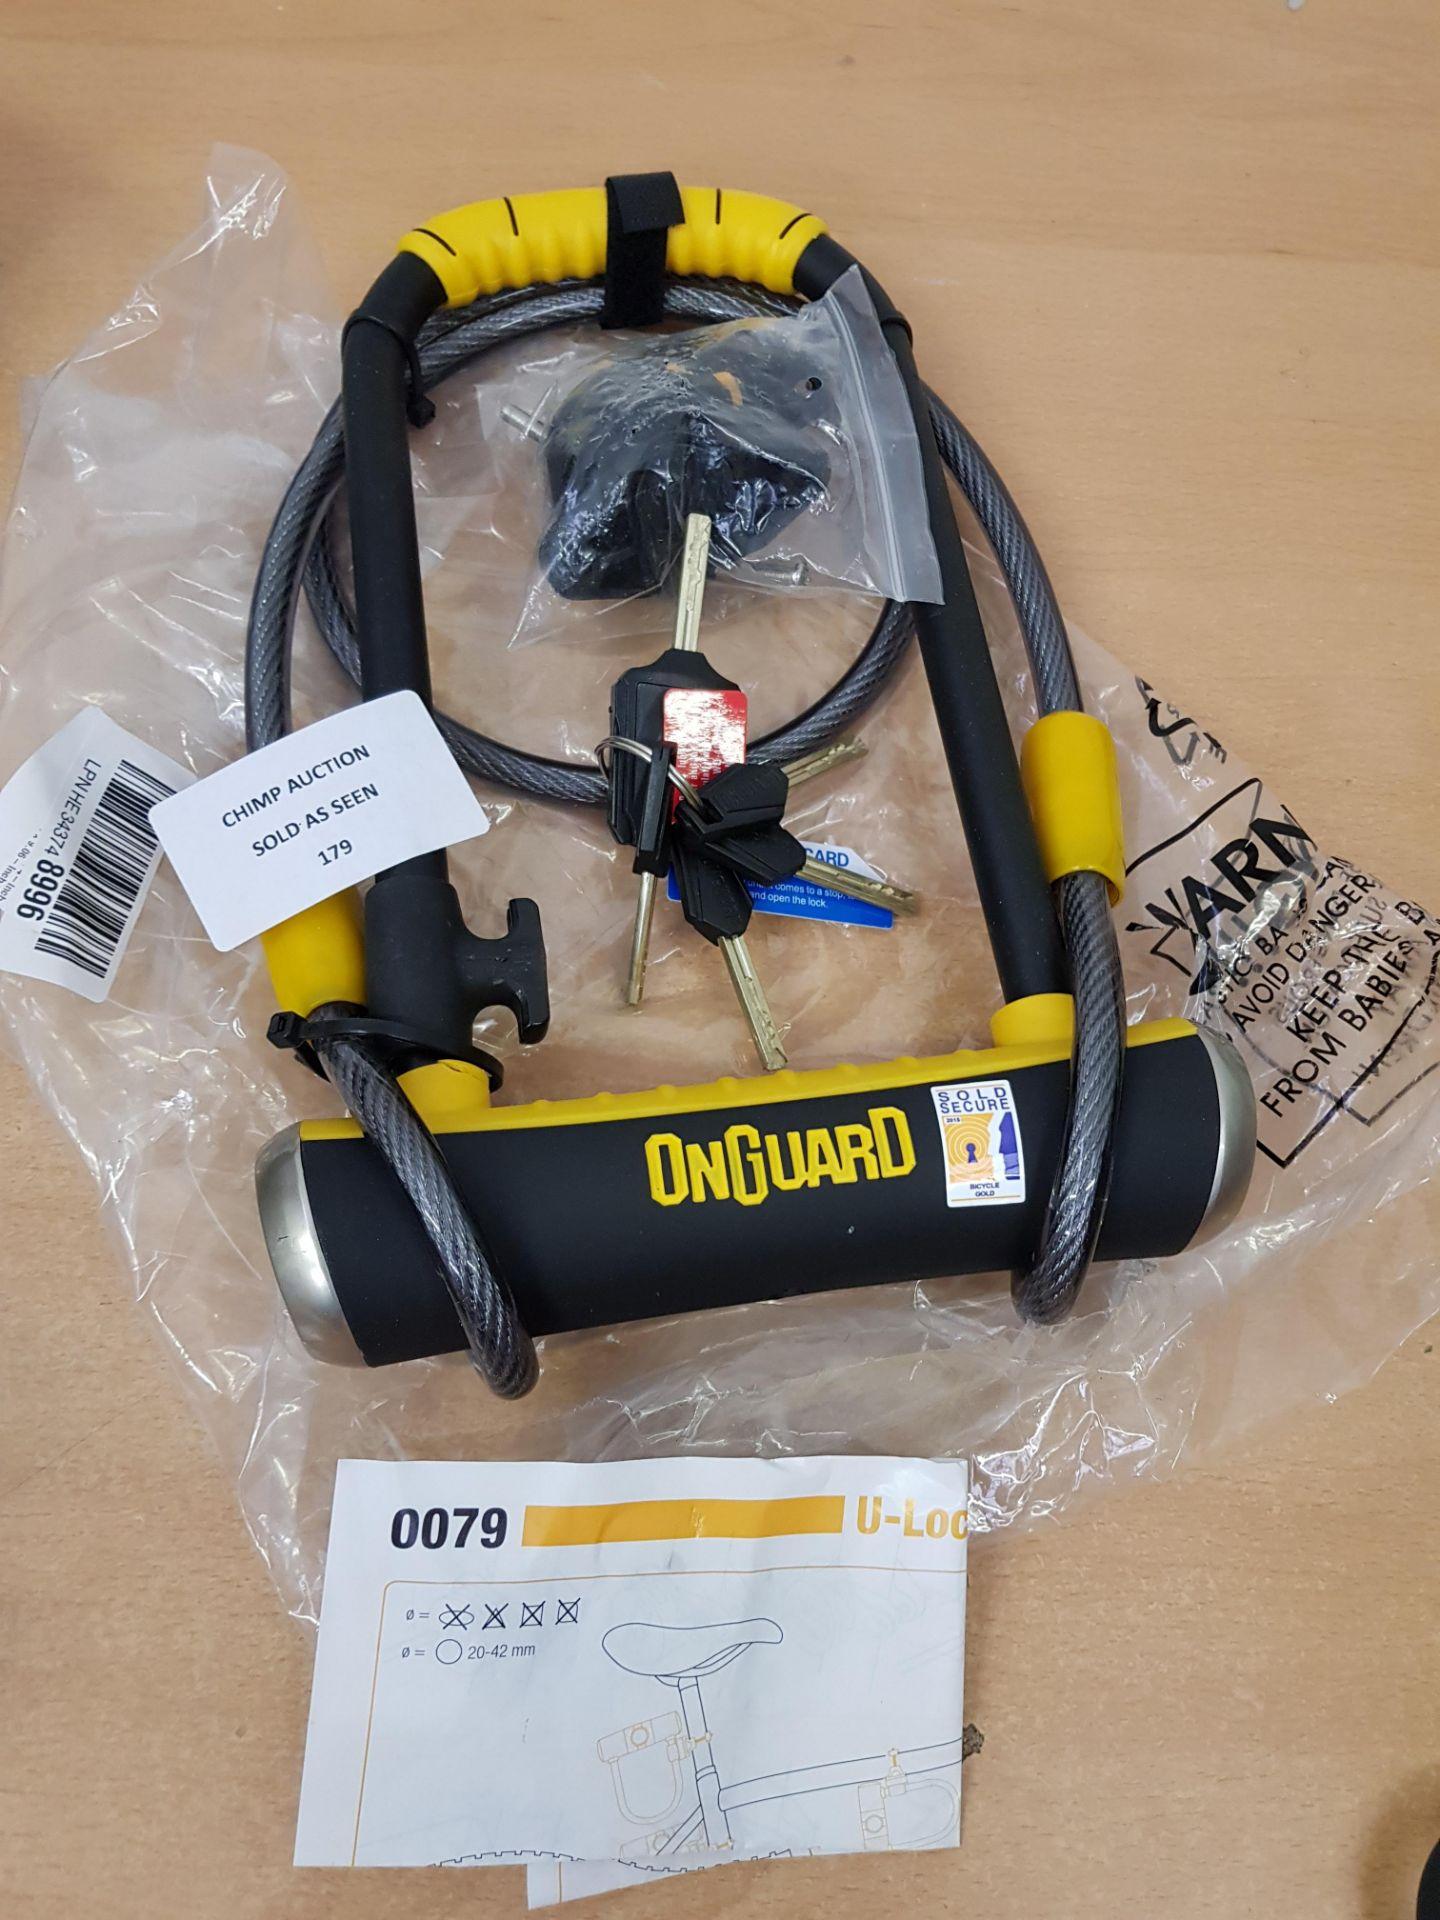 Lot 179 - OnGuard Pitbull DT 0079 Bike Lock & Cable